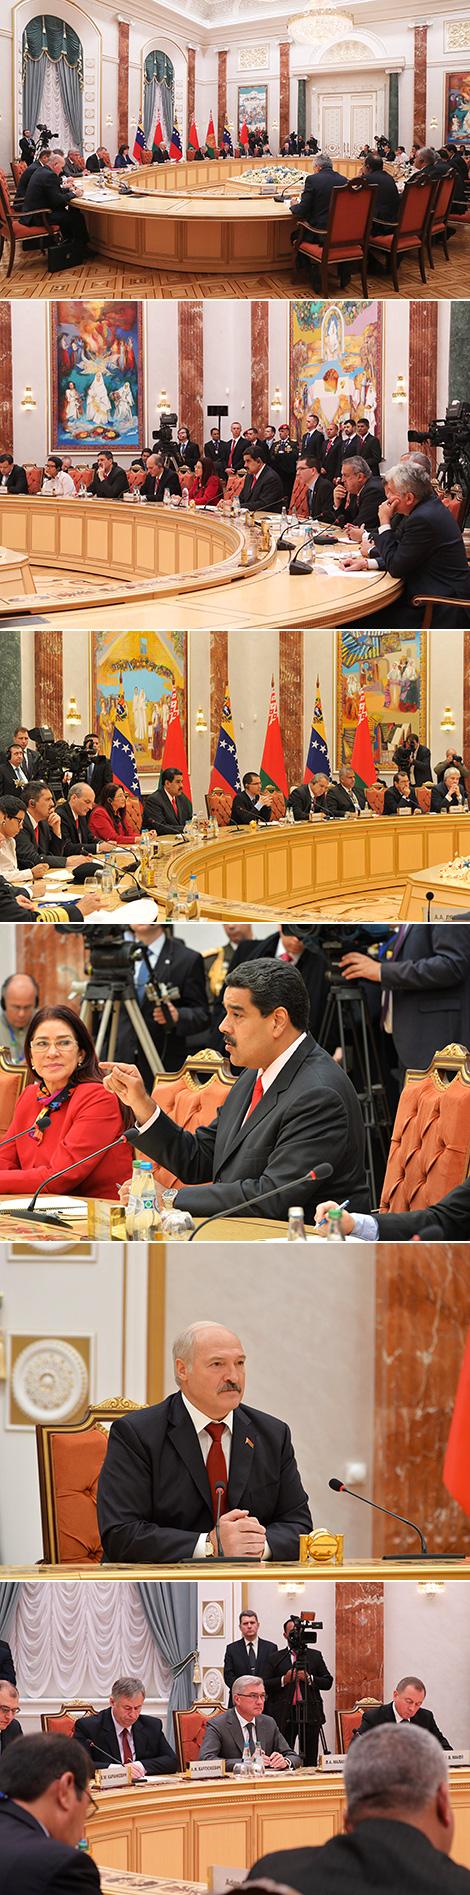 Переговоры с Президентом Венесуэлы Николасом Мадуро в расширенном составе